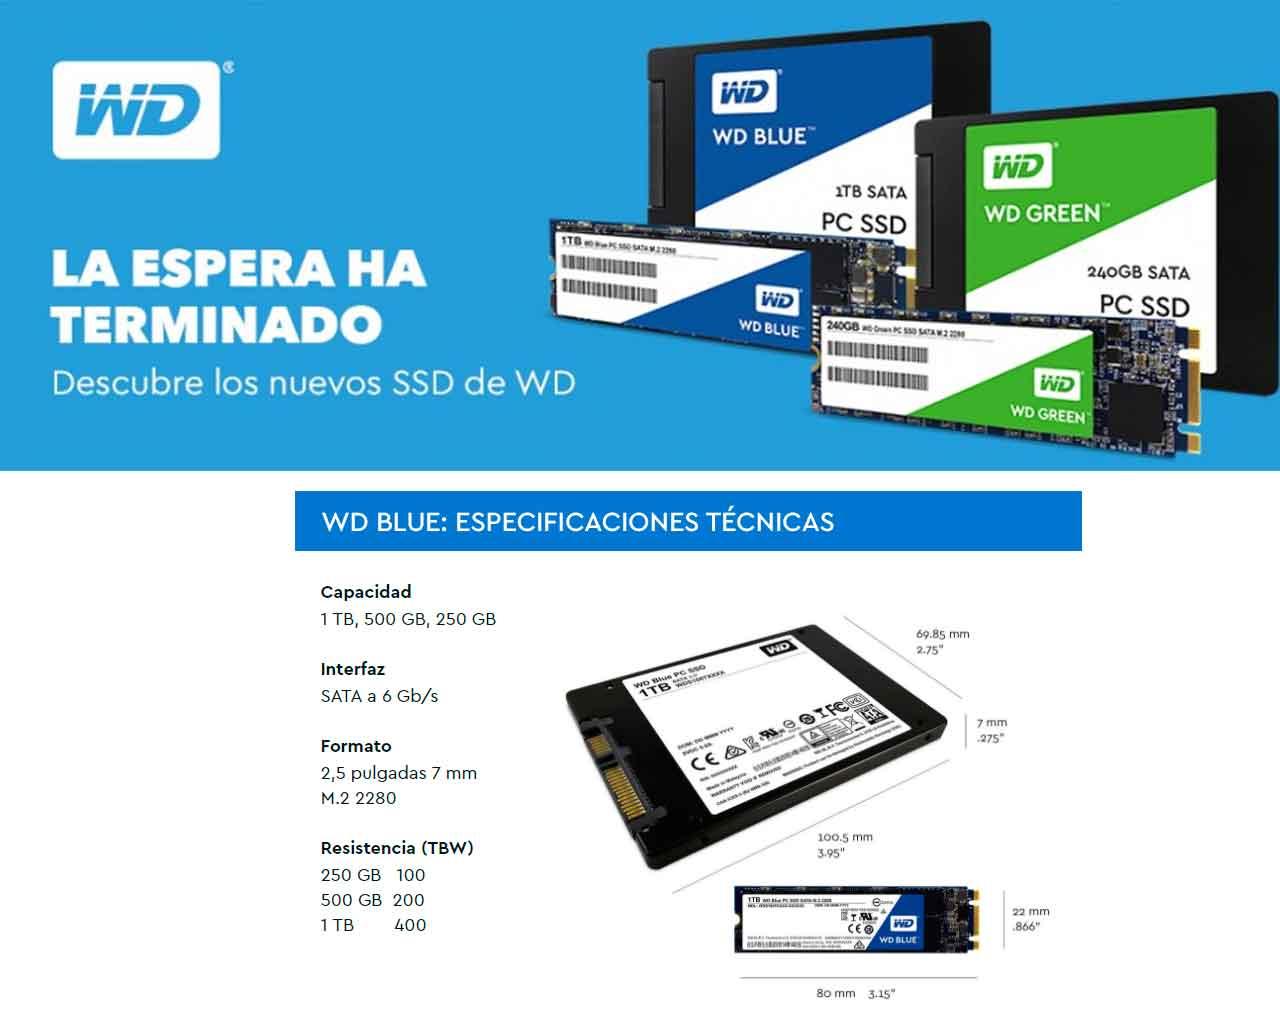 SSD WD Blue está disponible en tres versiones